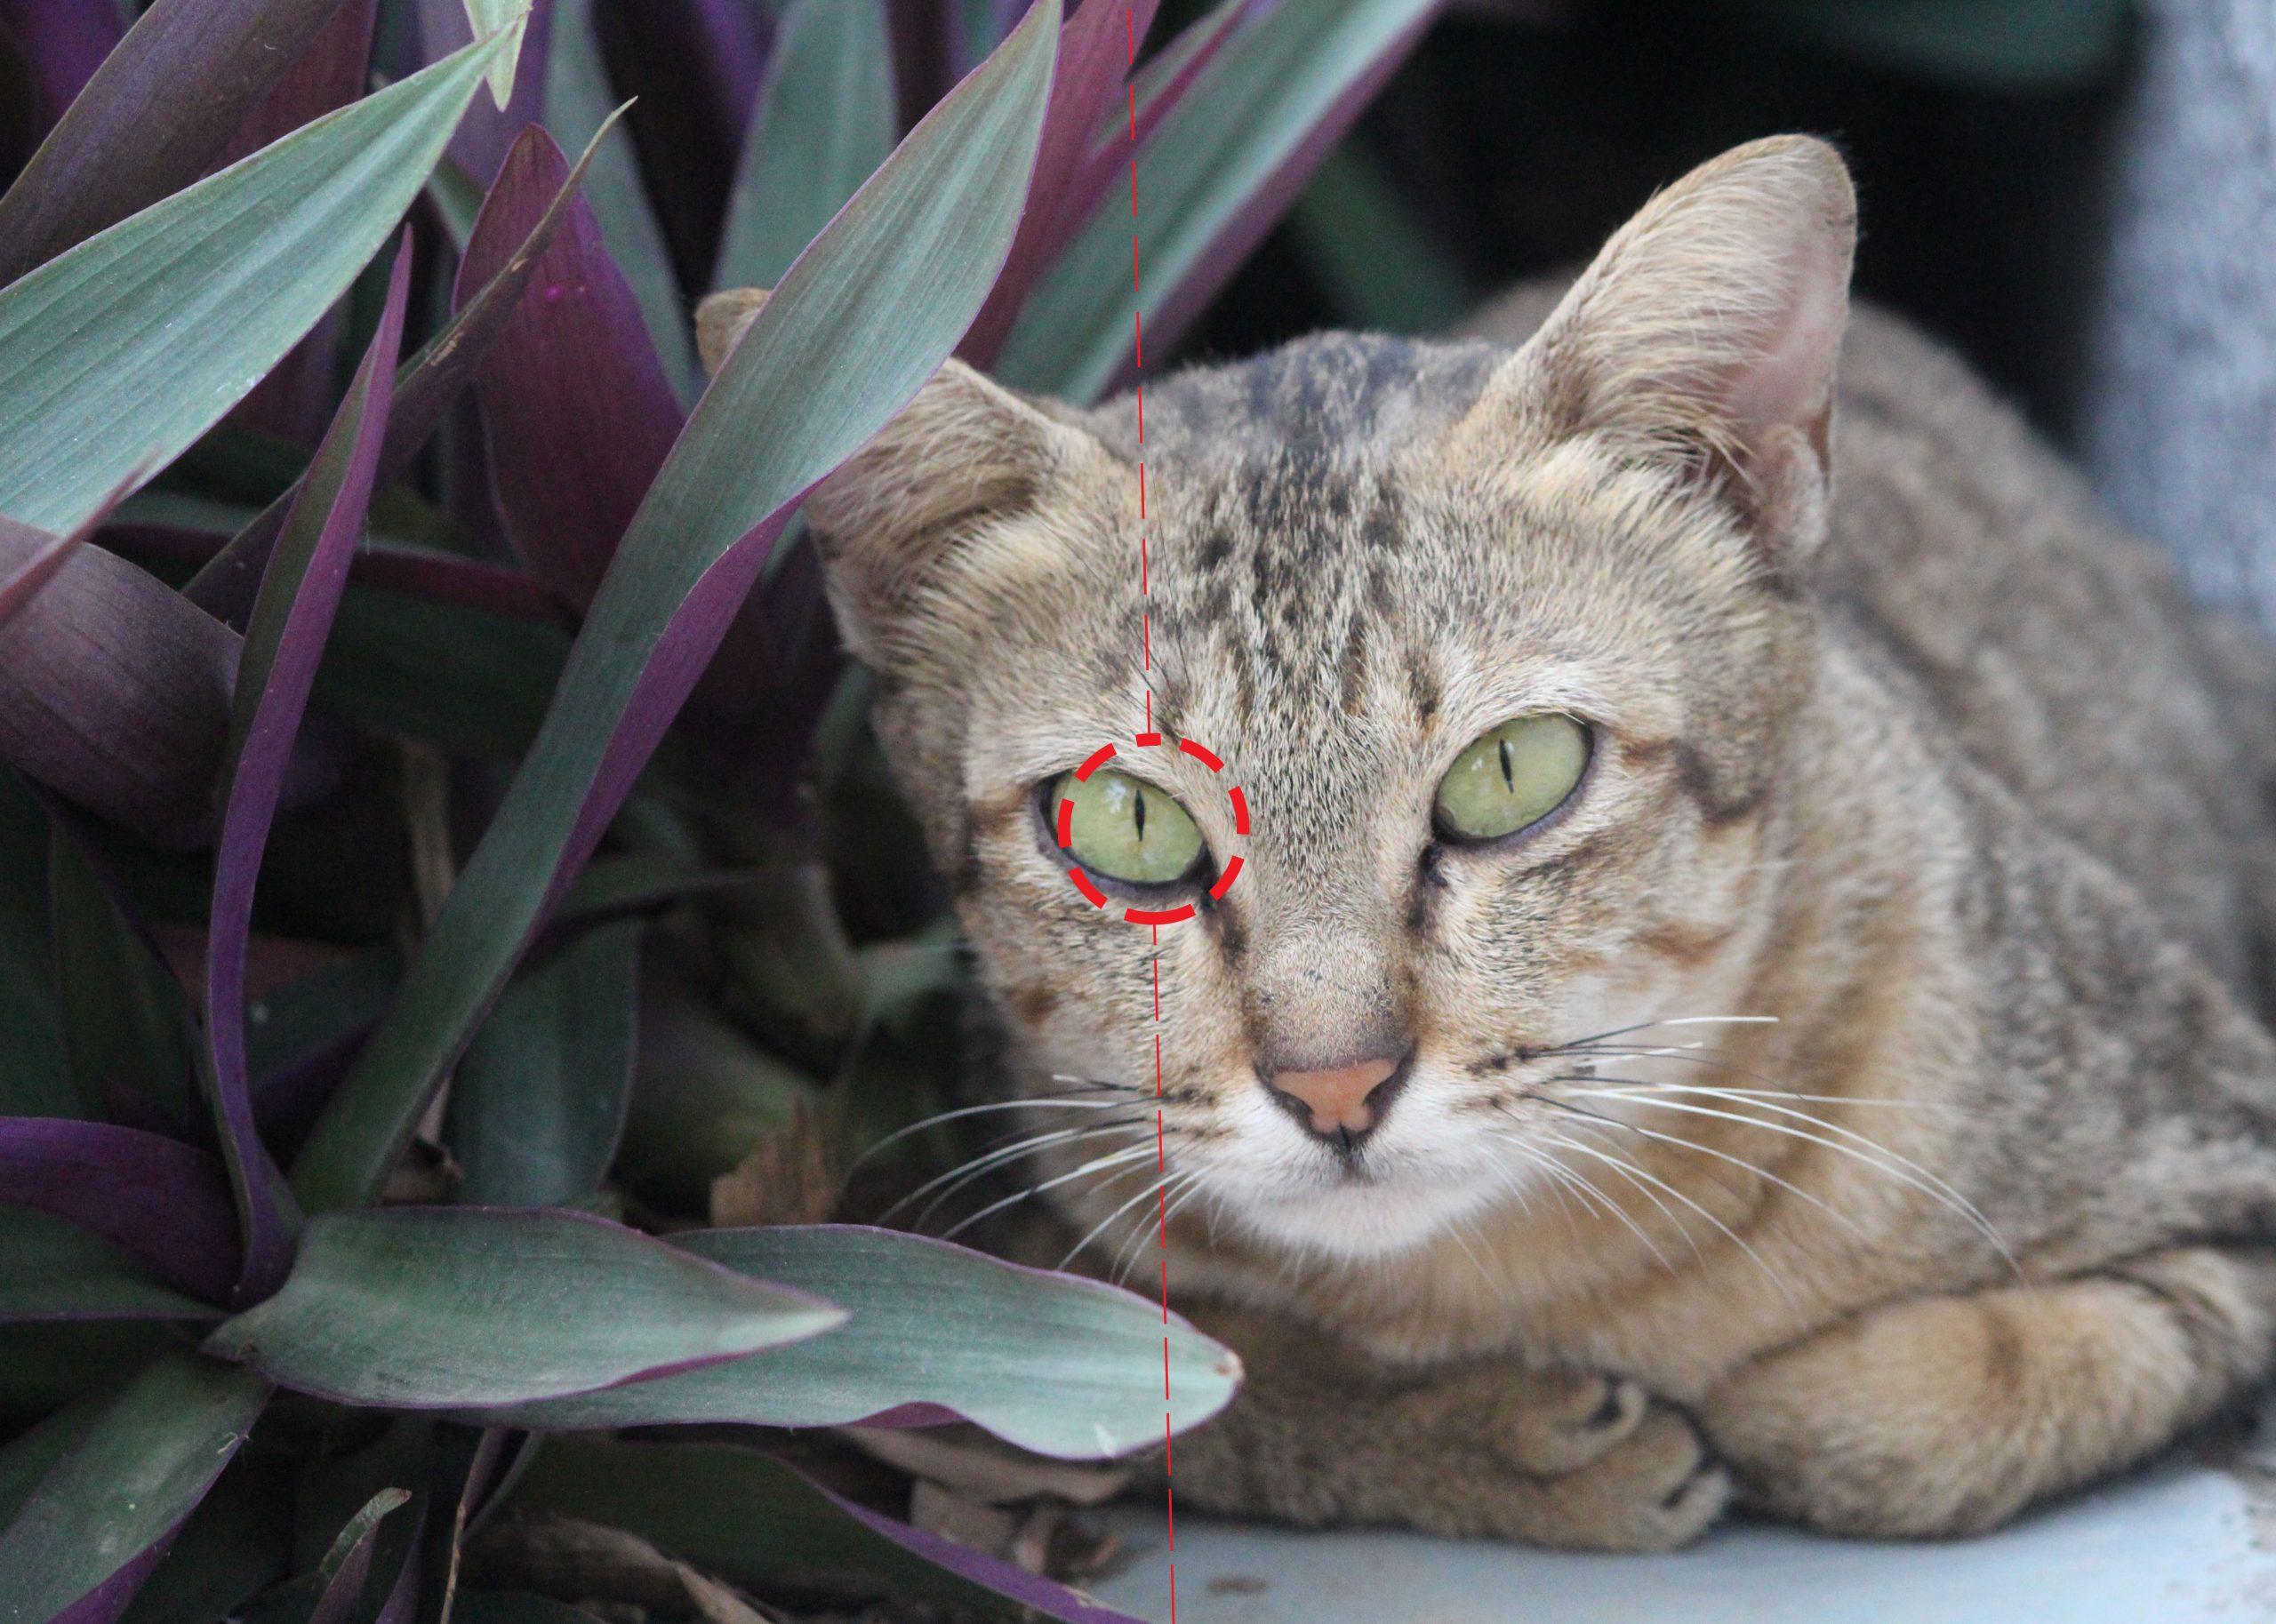 Bố cục mắt trung tâm - động vật